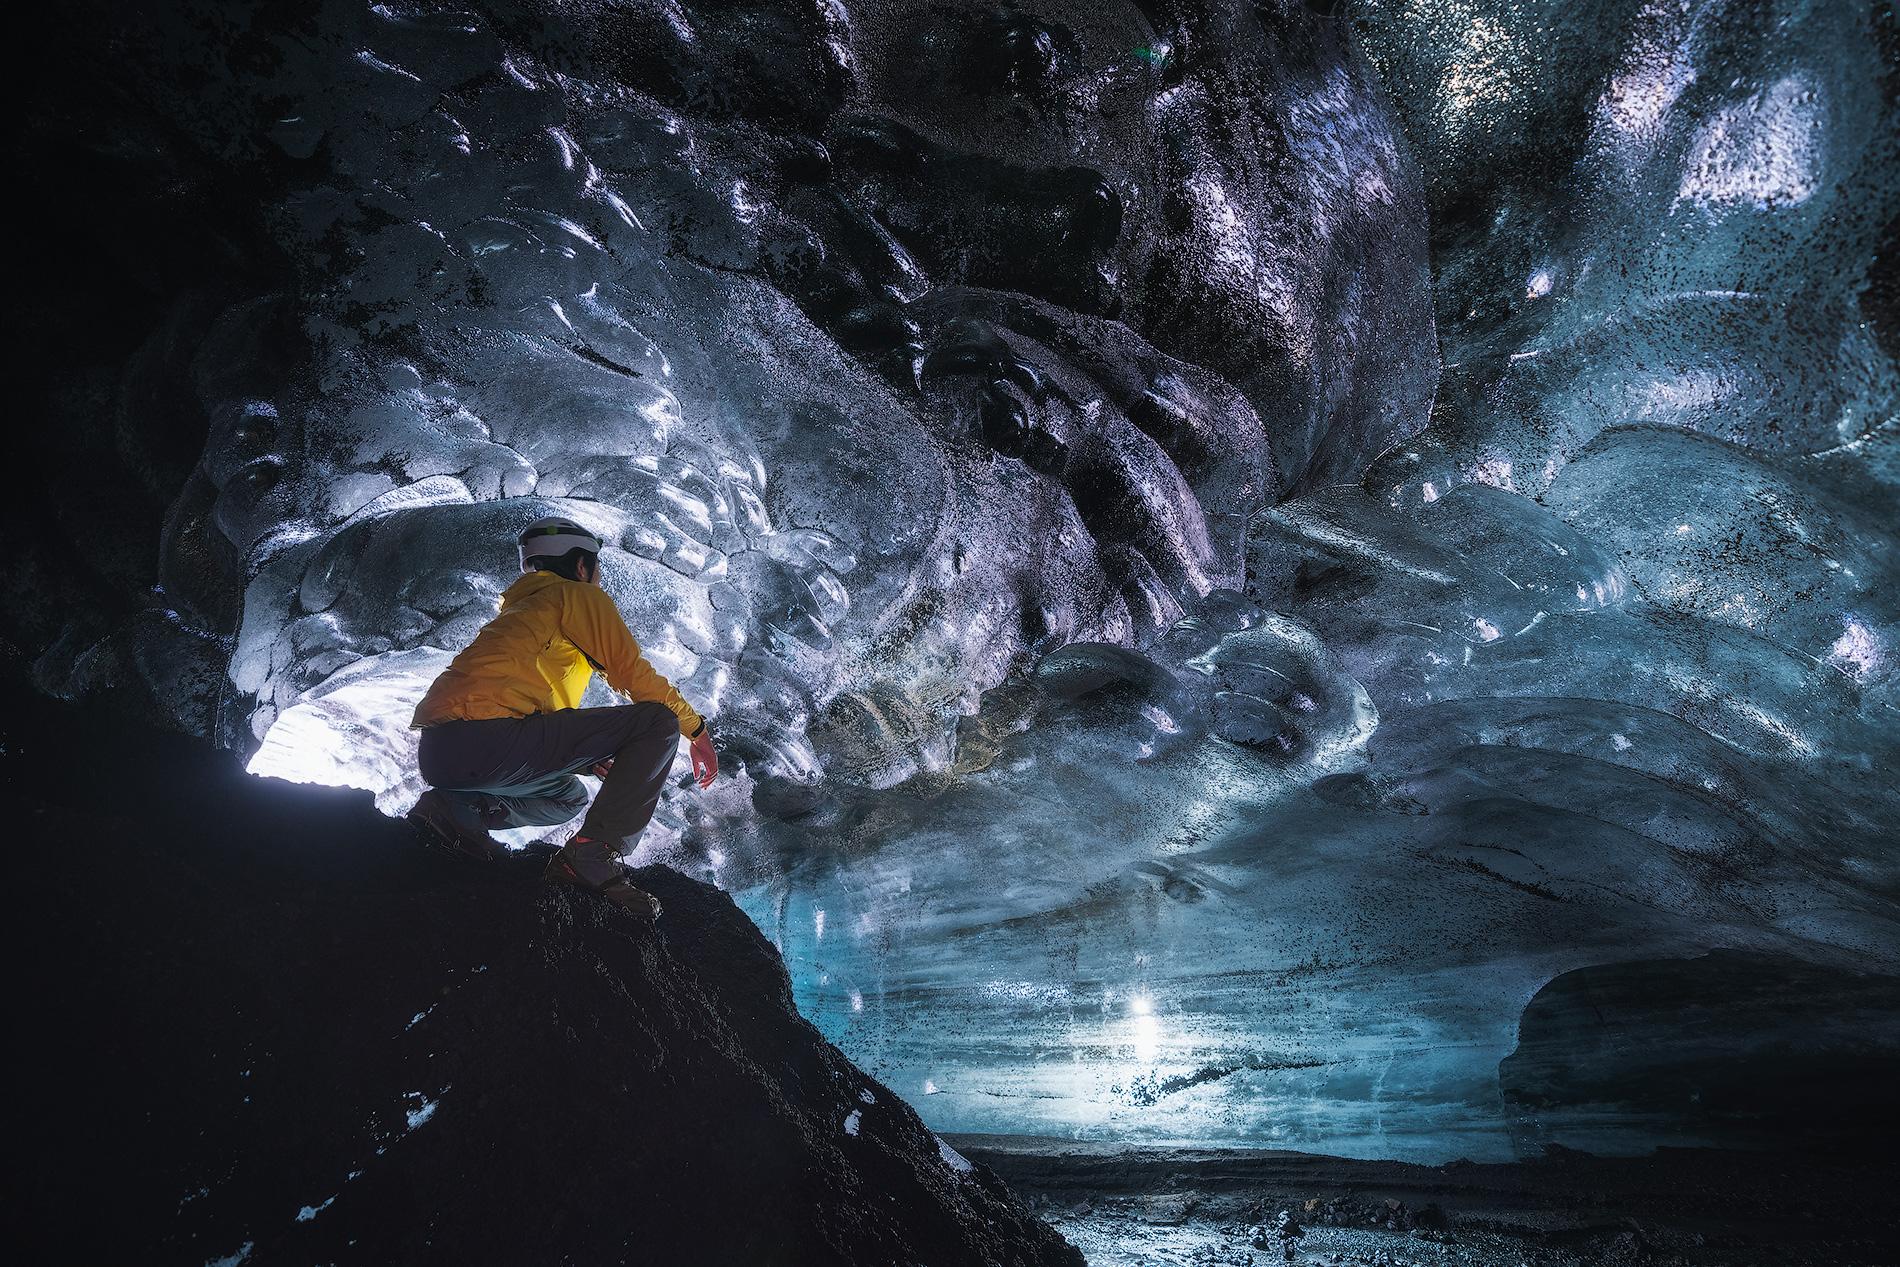 얼음동굴 내부는 마치 초자연적인 신비의 세계에 들어온 느낌을 자아냅니다.